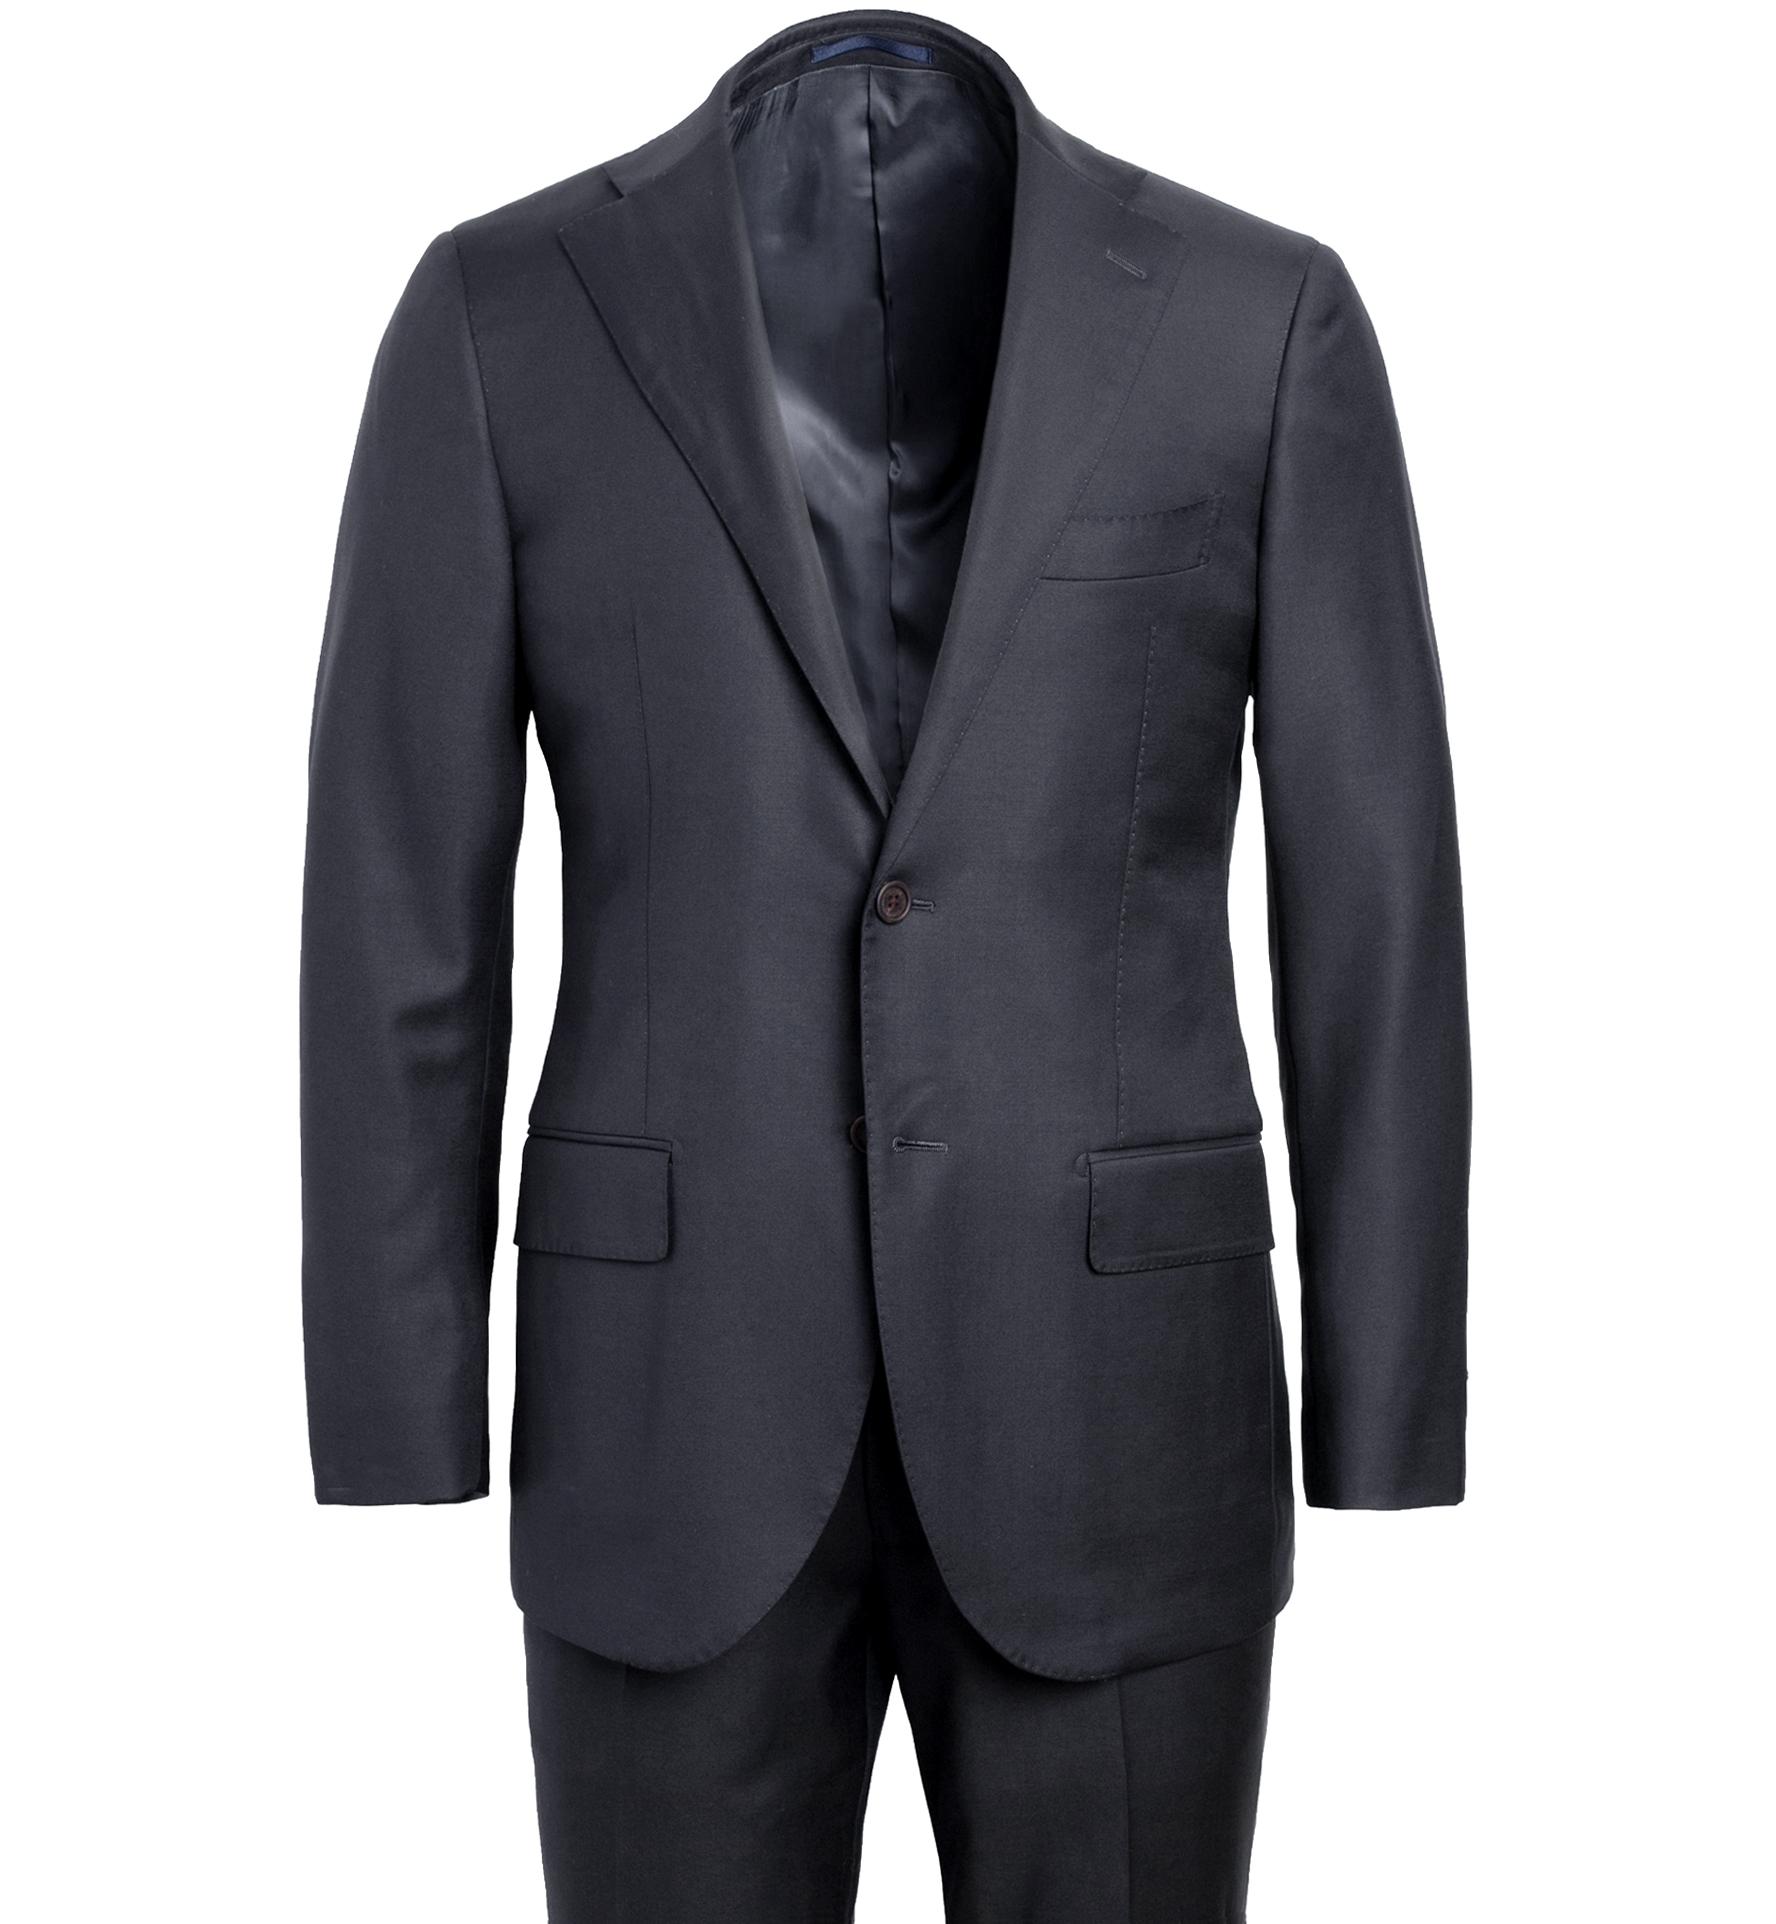 Zoom Image of Allen VBC Grey S110s Wool Suit